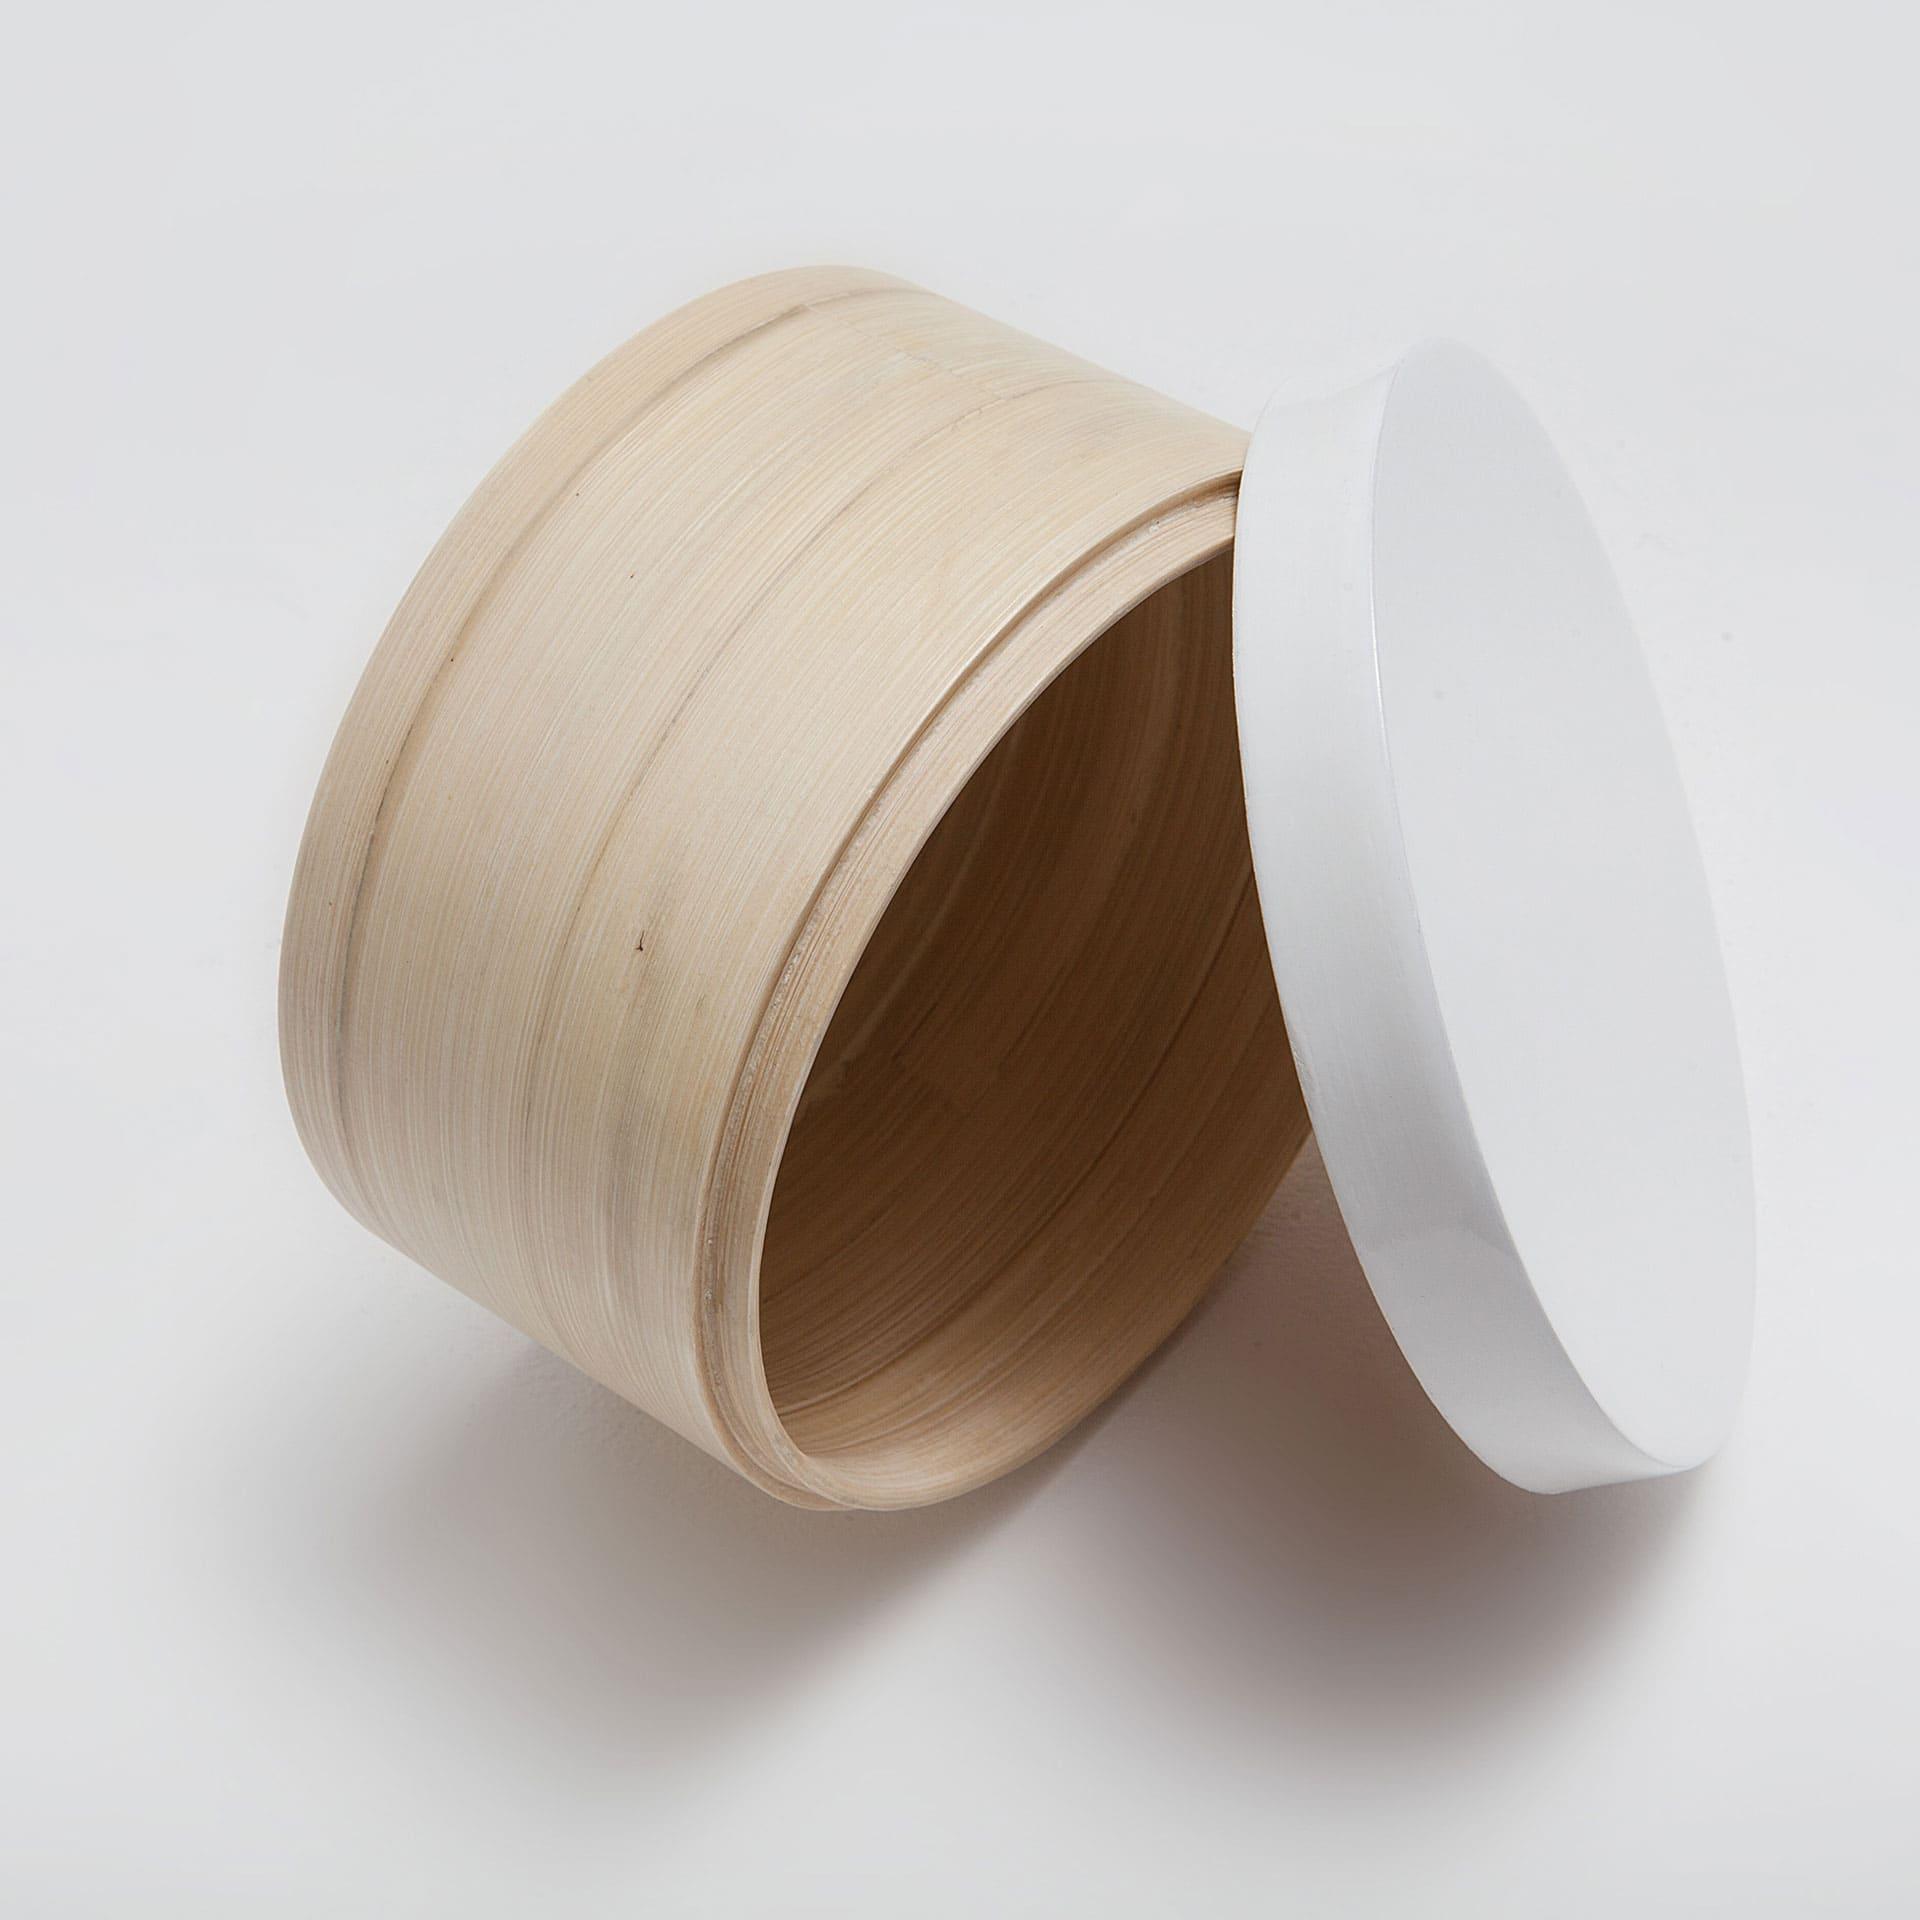 caja bamb y madera tapa blanca